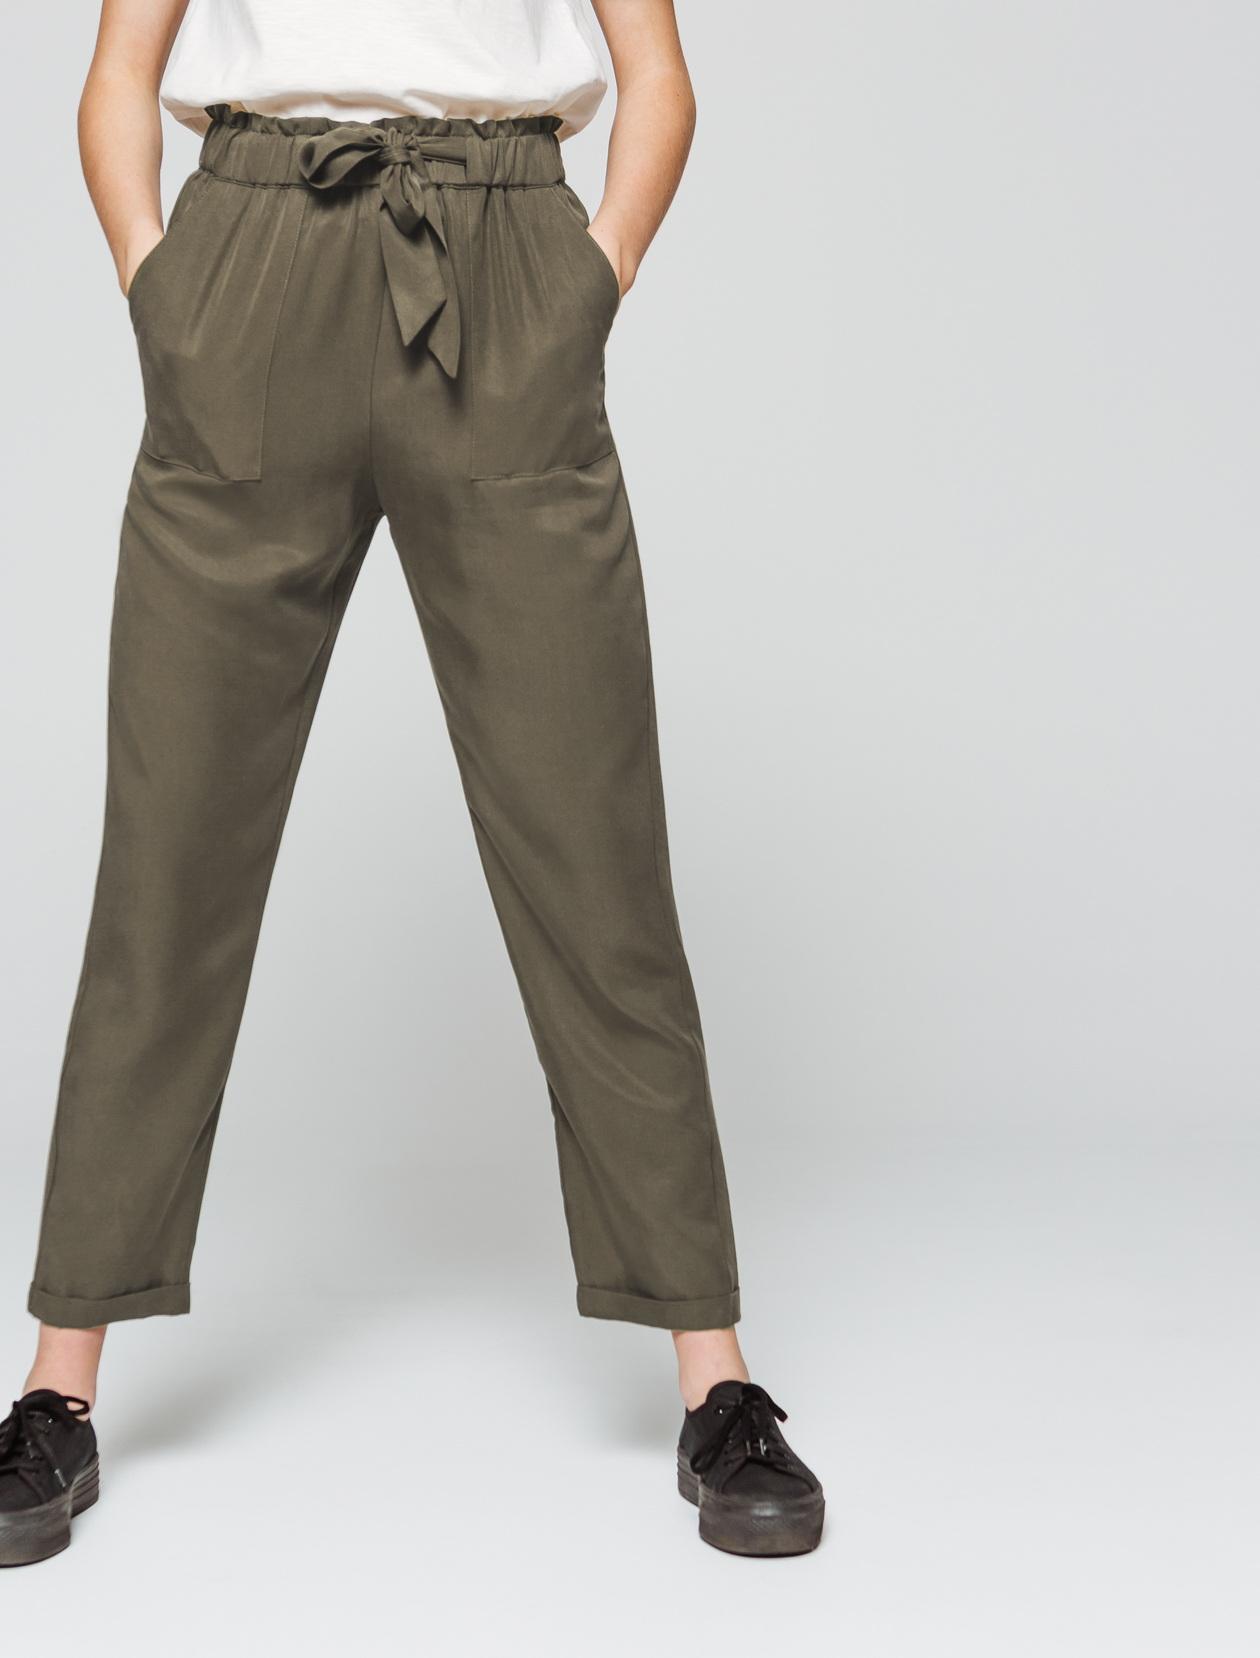 Pantalon fluide noué taille haute femme